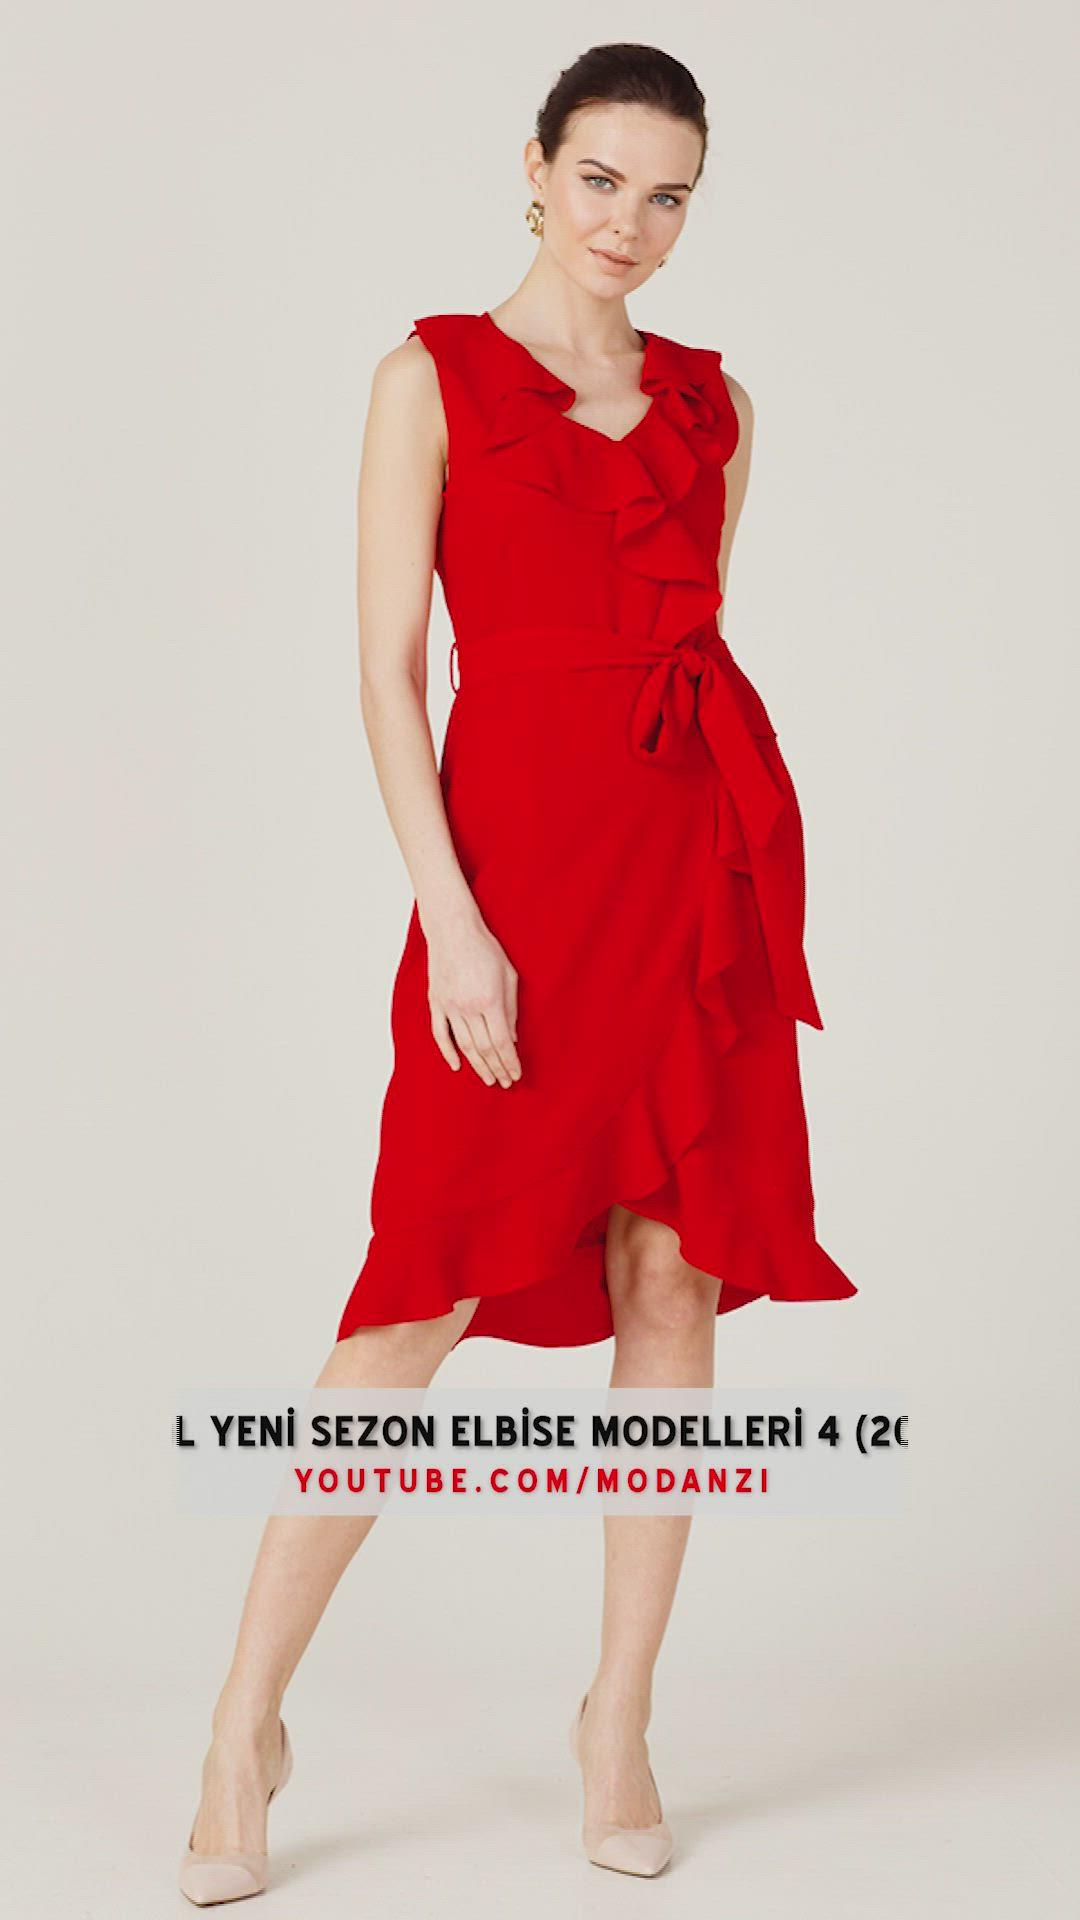 Ekol Yeni Sezon Elbise Modelleri Ve Fiyatlari 4 2020 Ekol Online Elbise Lizzo Dress Video 2020 Elbise Modelleri Elbise Yazlik Kiyafetler